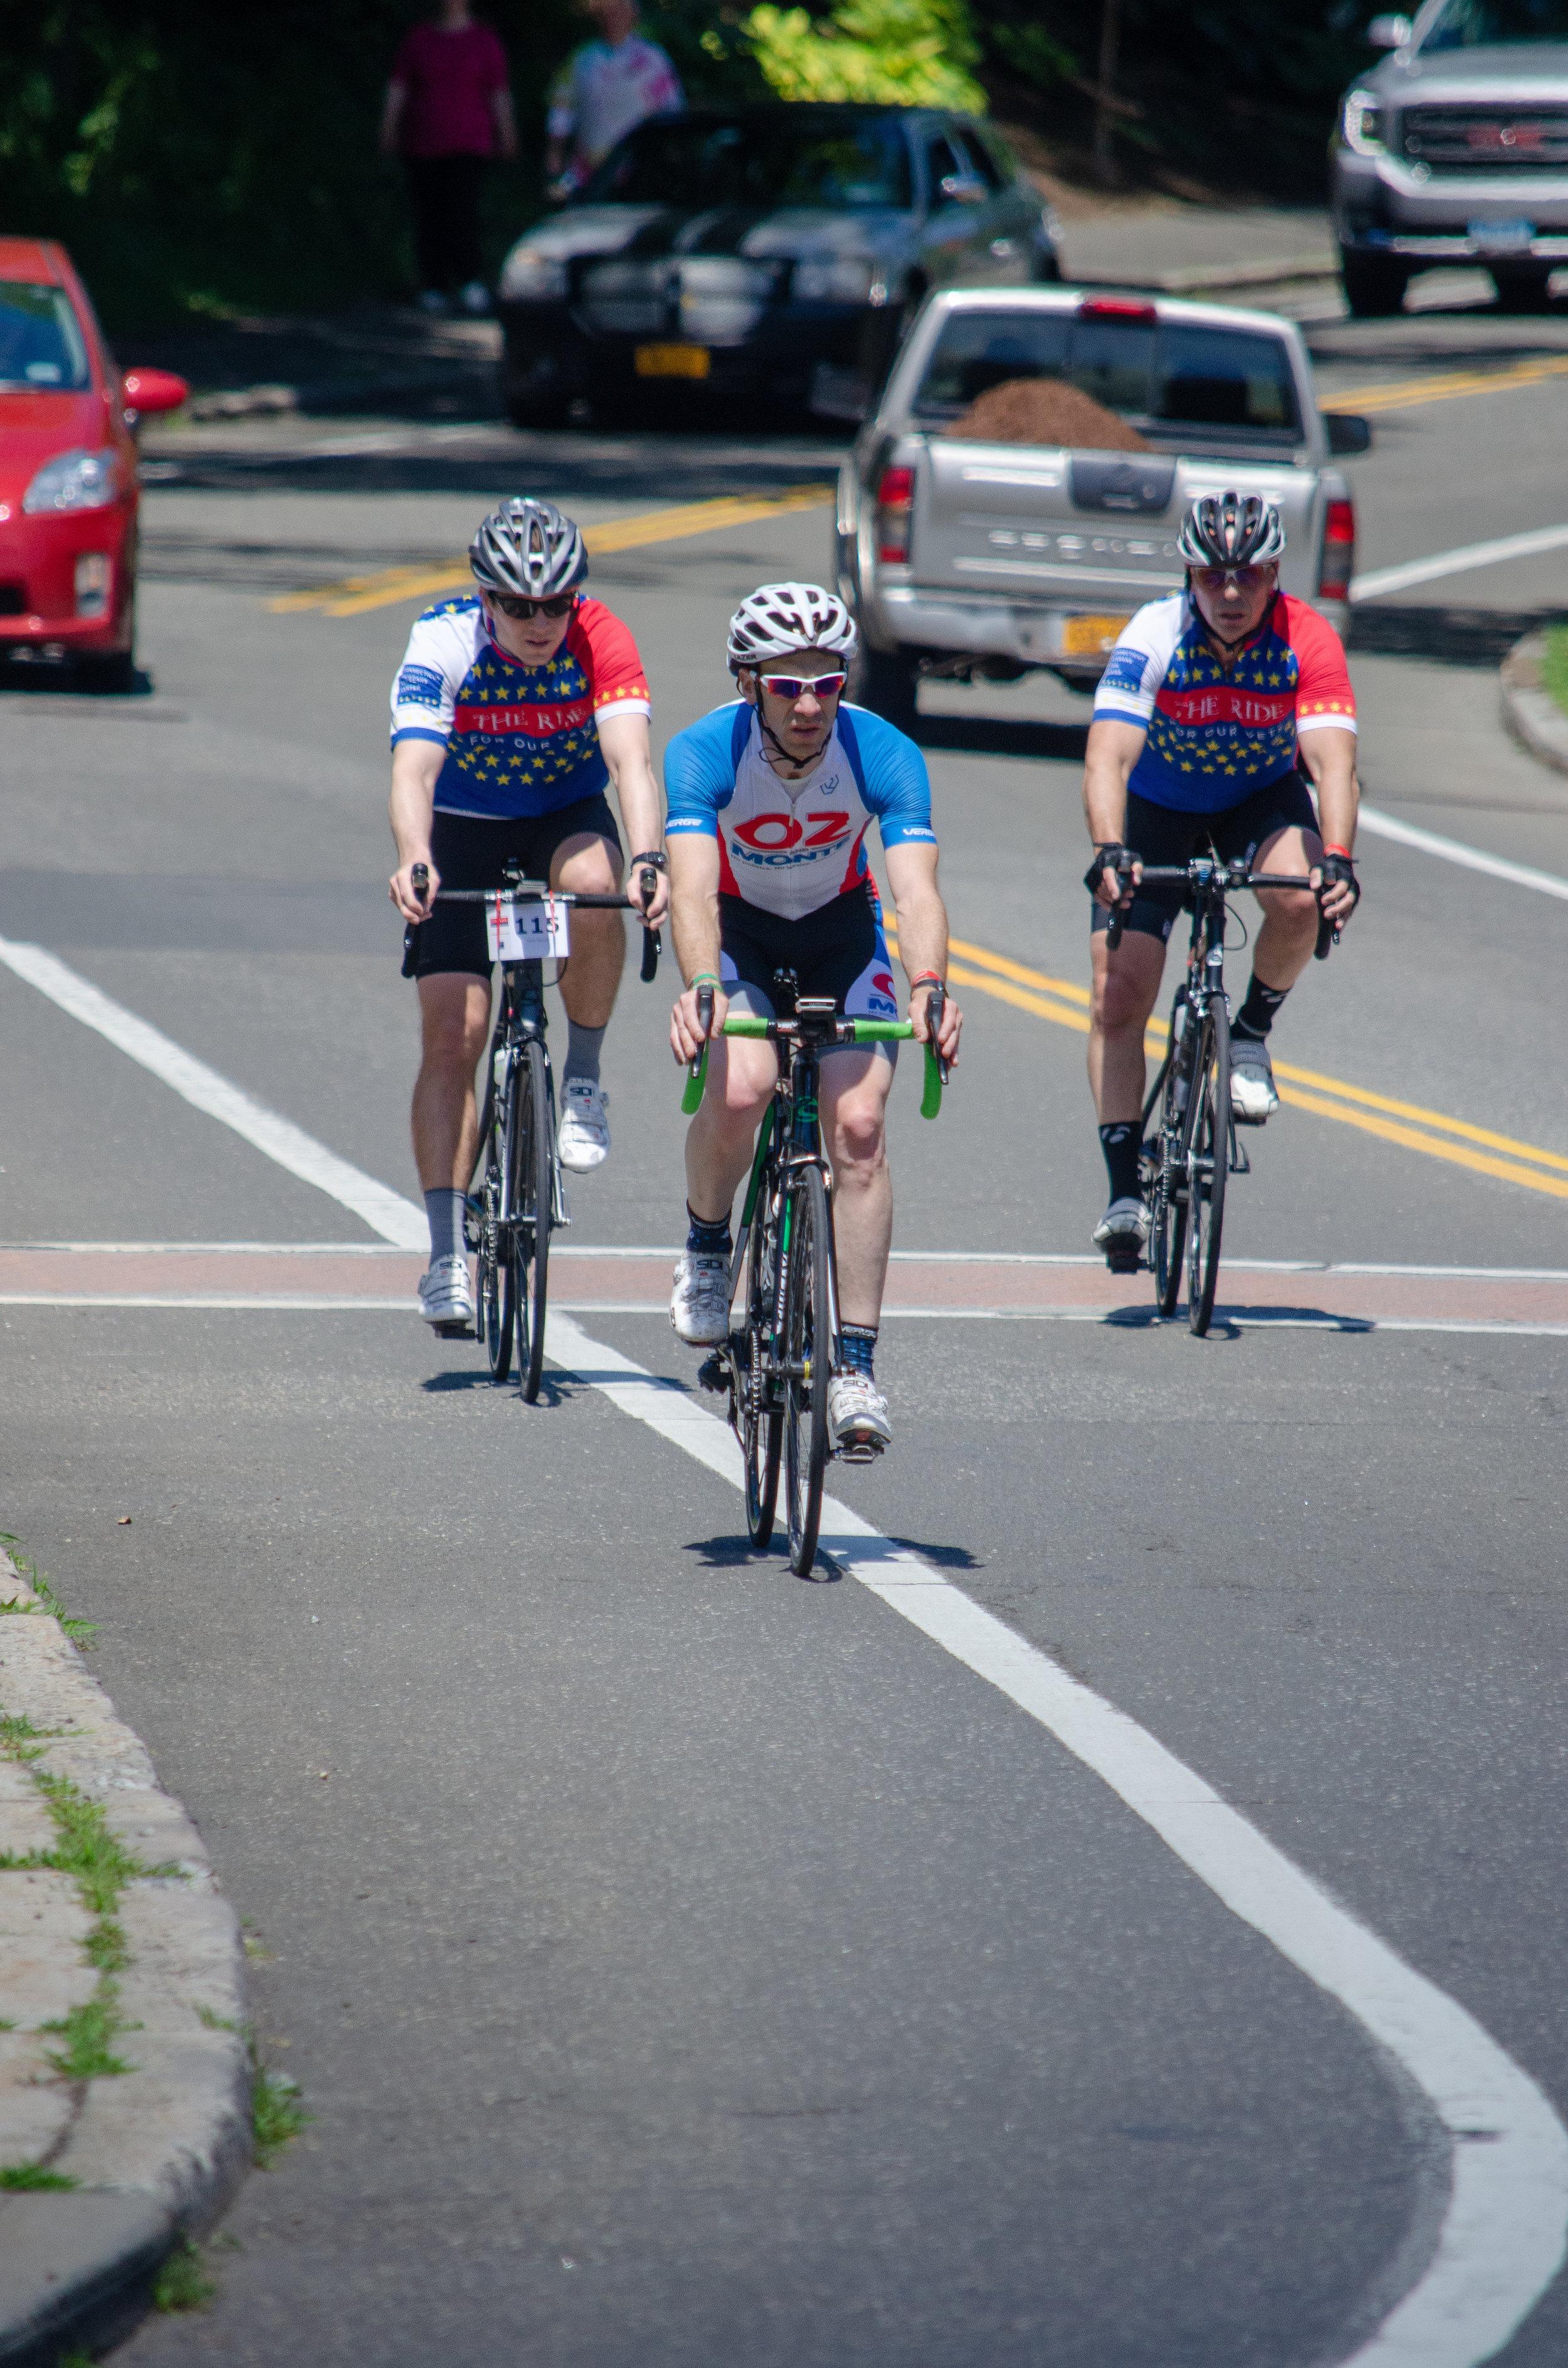 Riders_DSC_0898.jpg